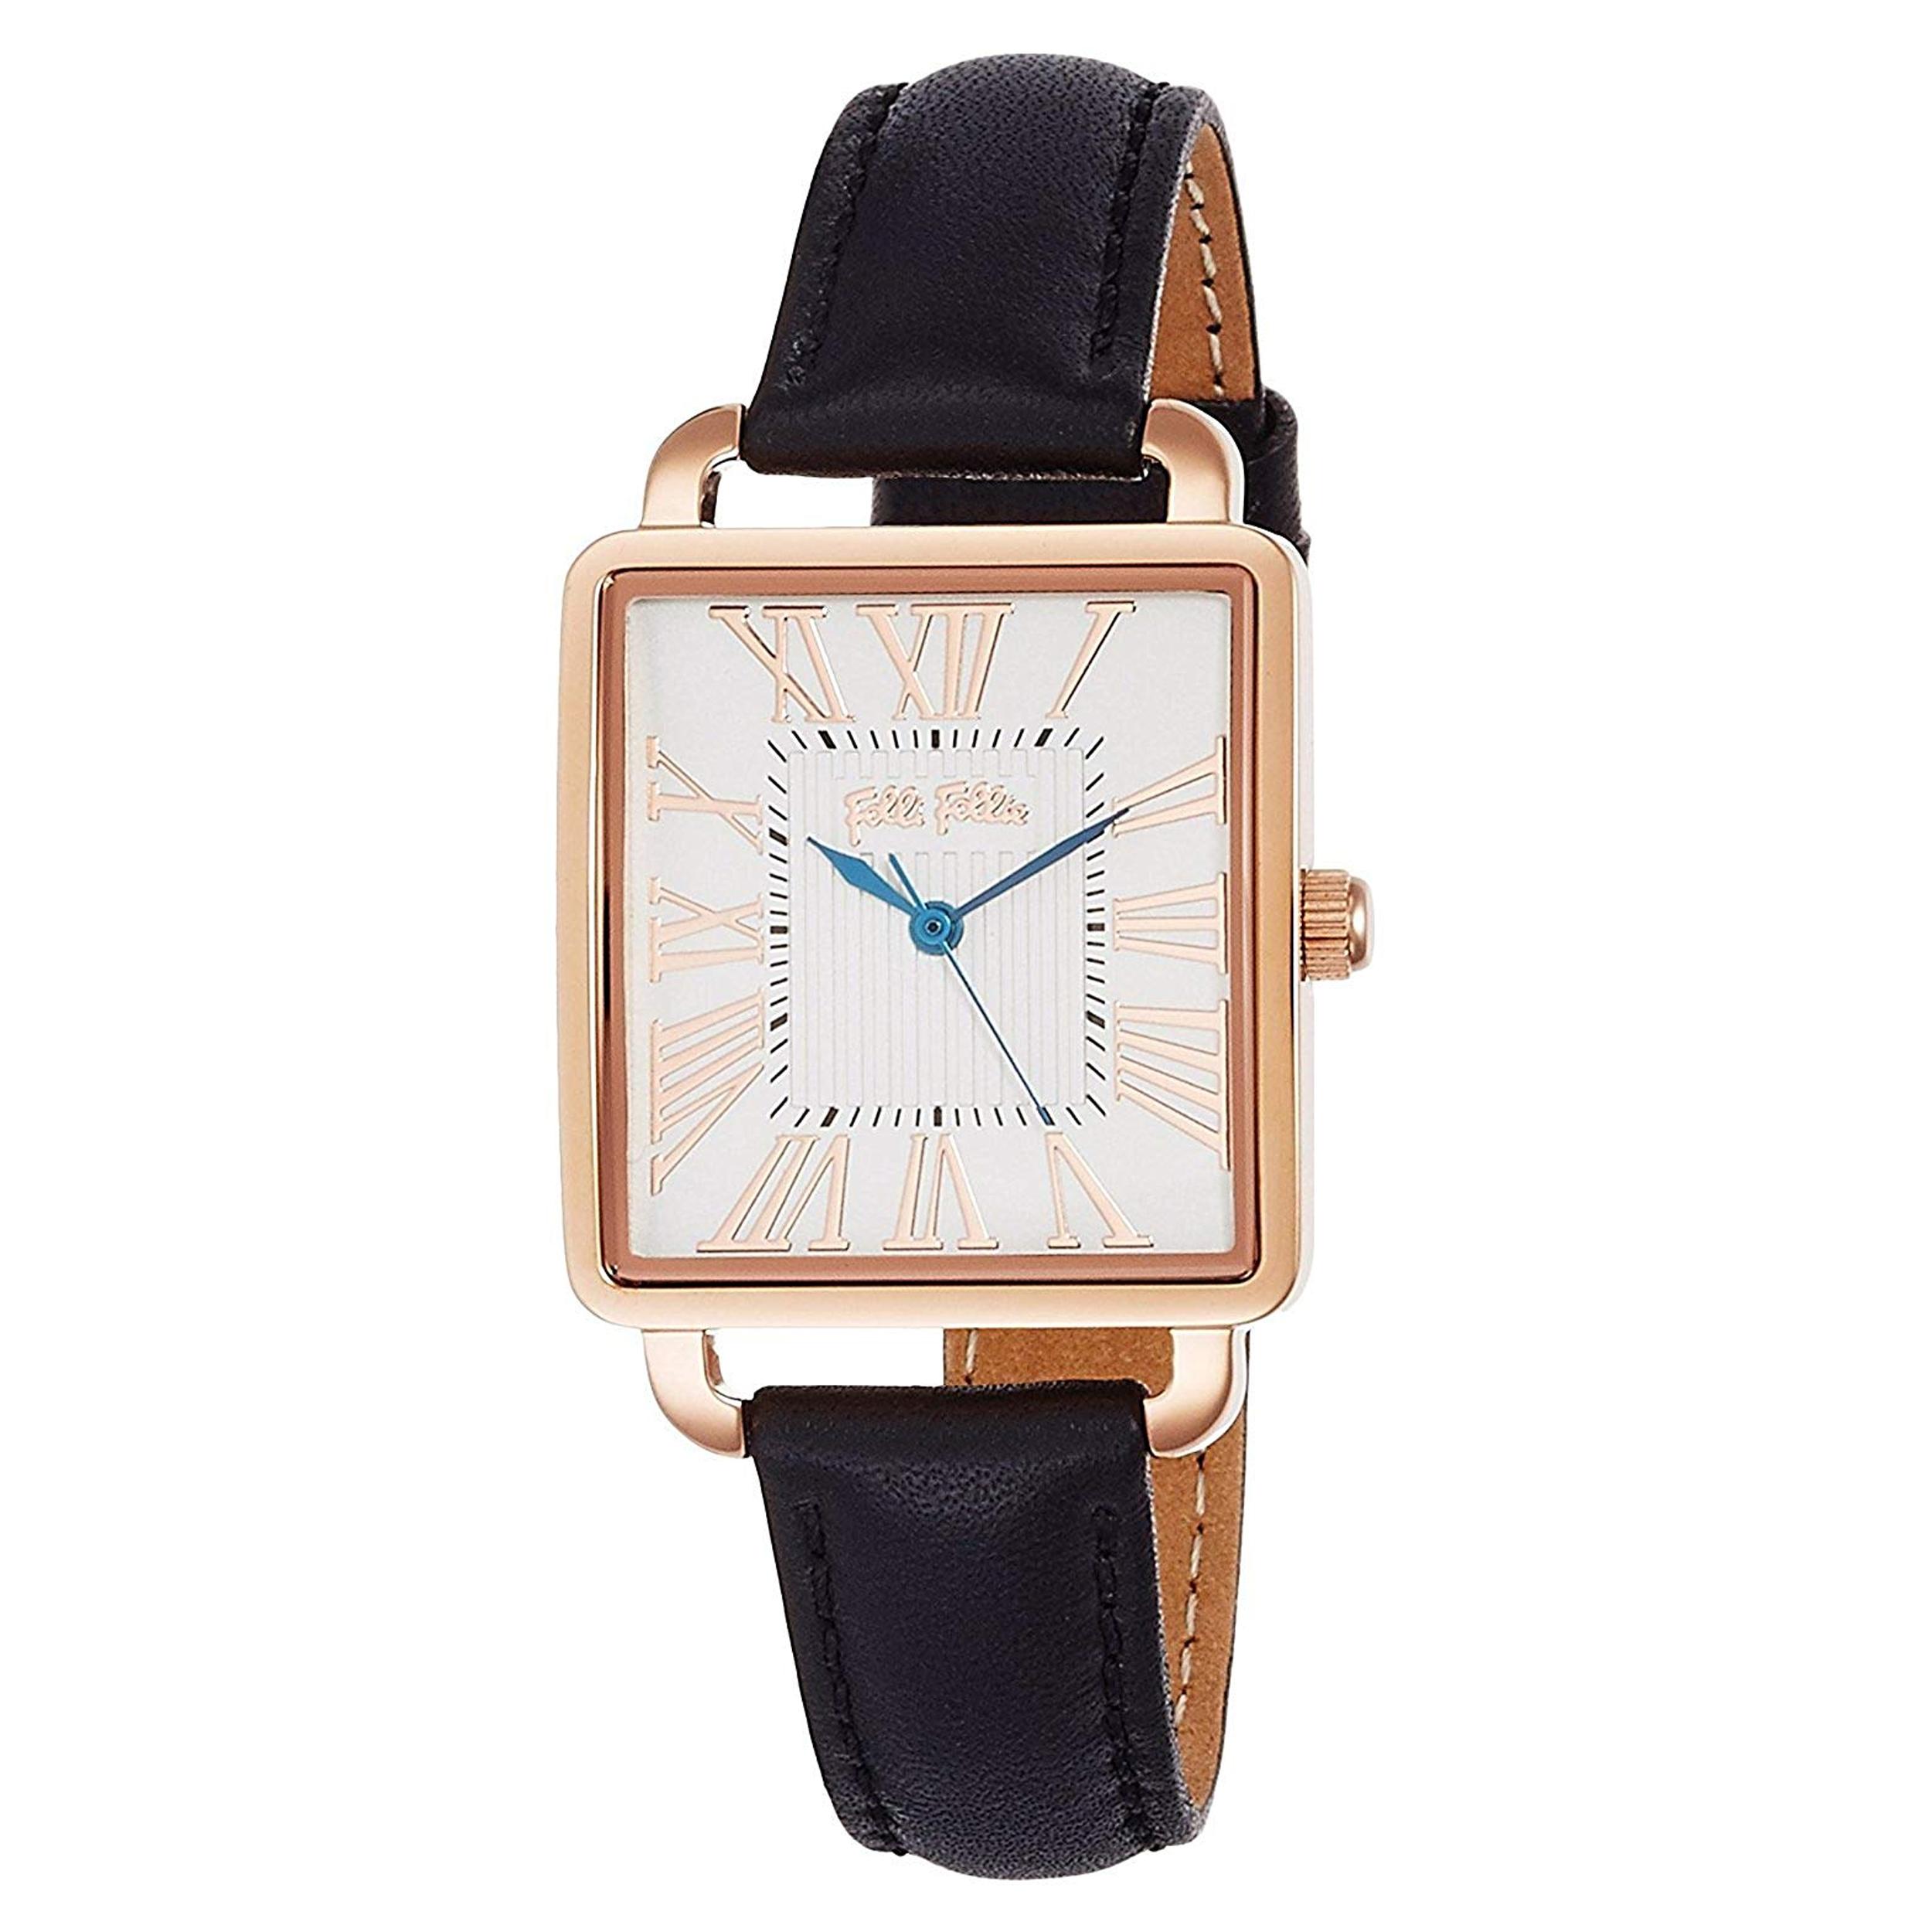 ساعت مچی عقربه ای زنانه فولی فولیه مدل WF16R012SPS-BK (بدون جعبه اورجینال)              خرید (⭐️⭐️⭐️)